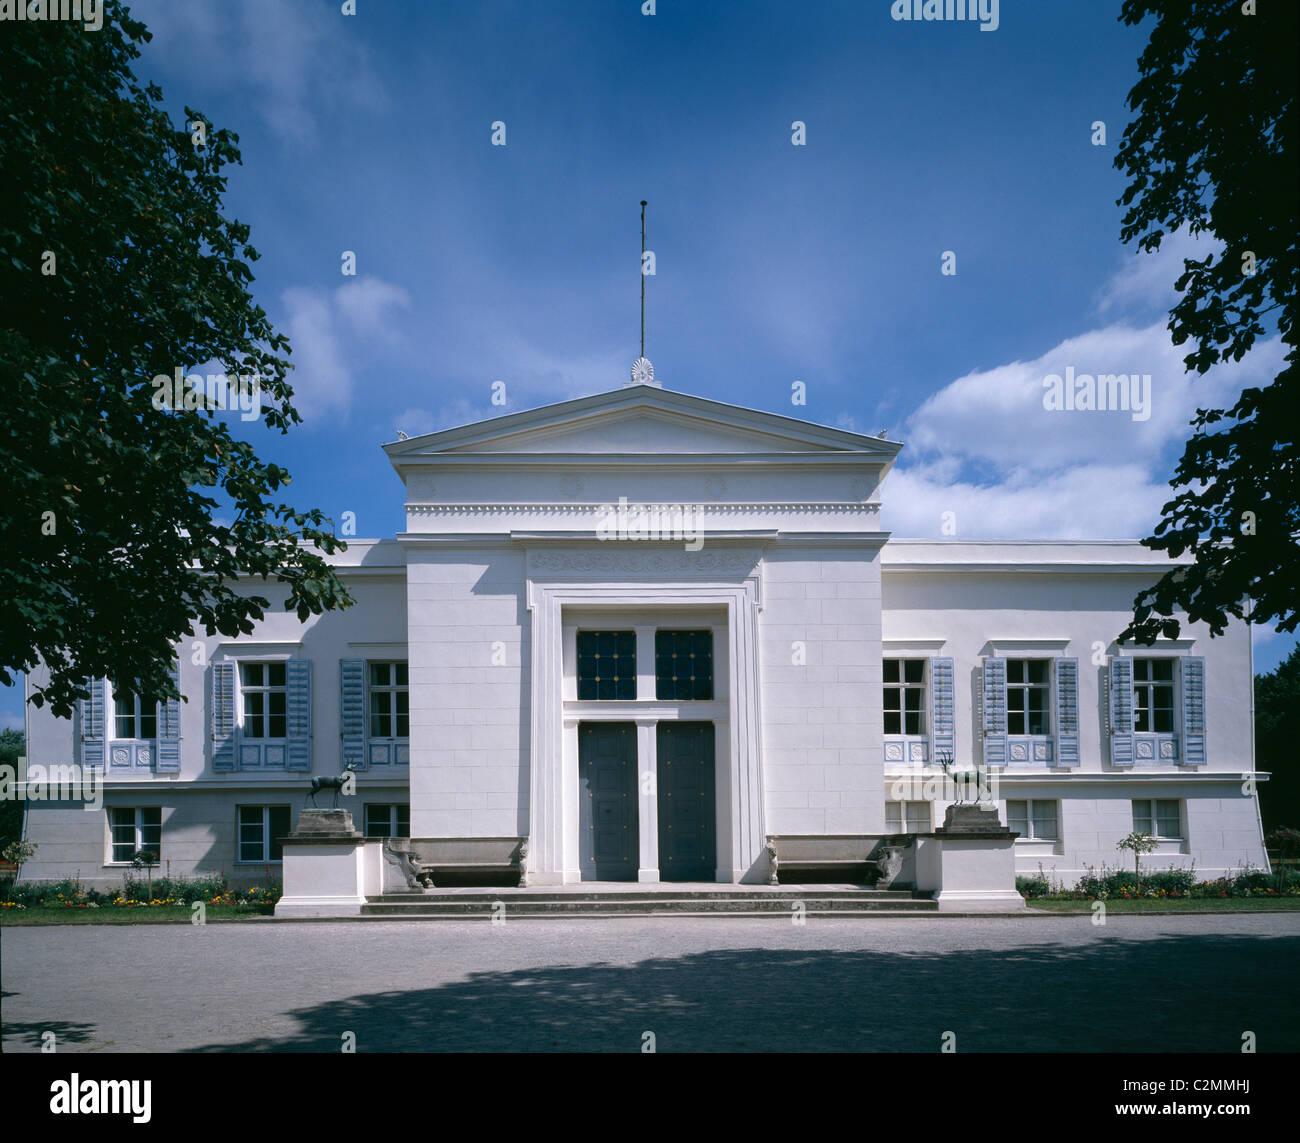 Schloss Charlottenhof, Potsdam, Germania (1826-29) - esterno del palazzo nel Parco Sanssouci. Foto Stock